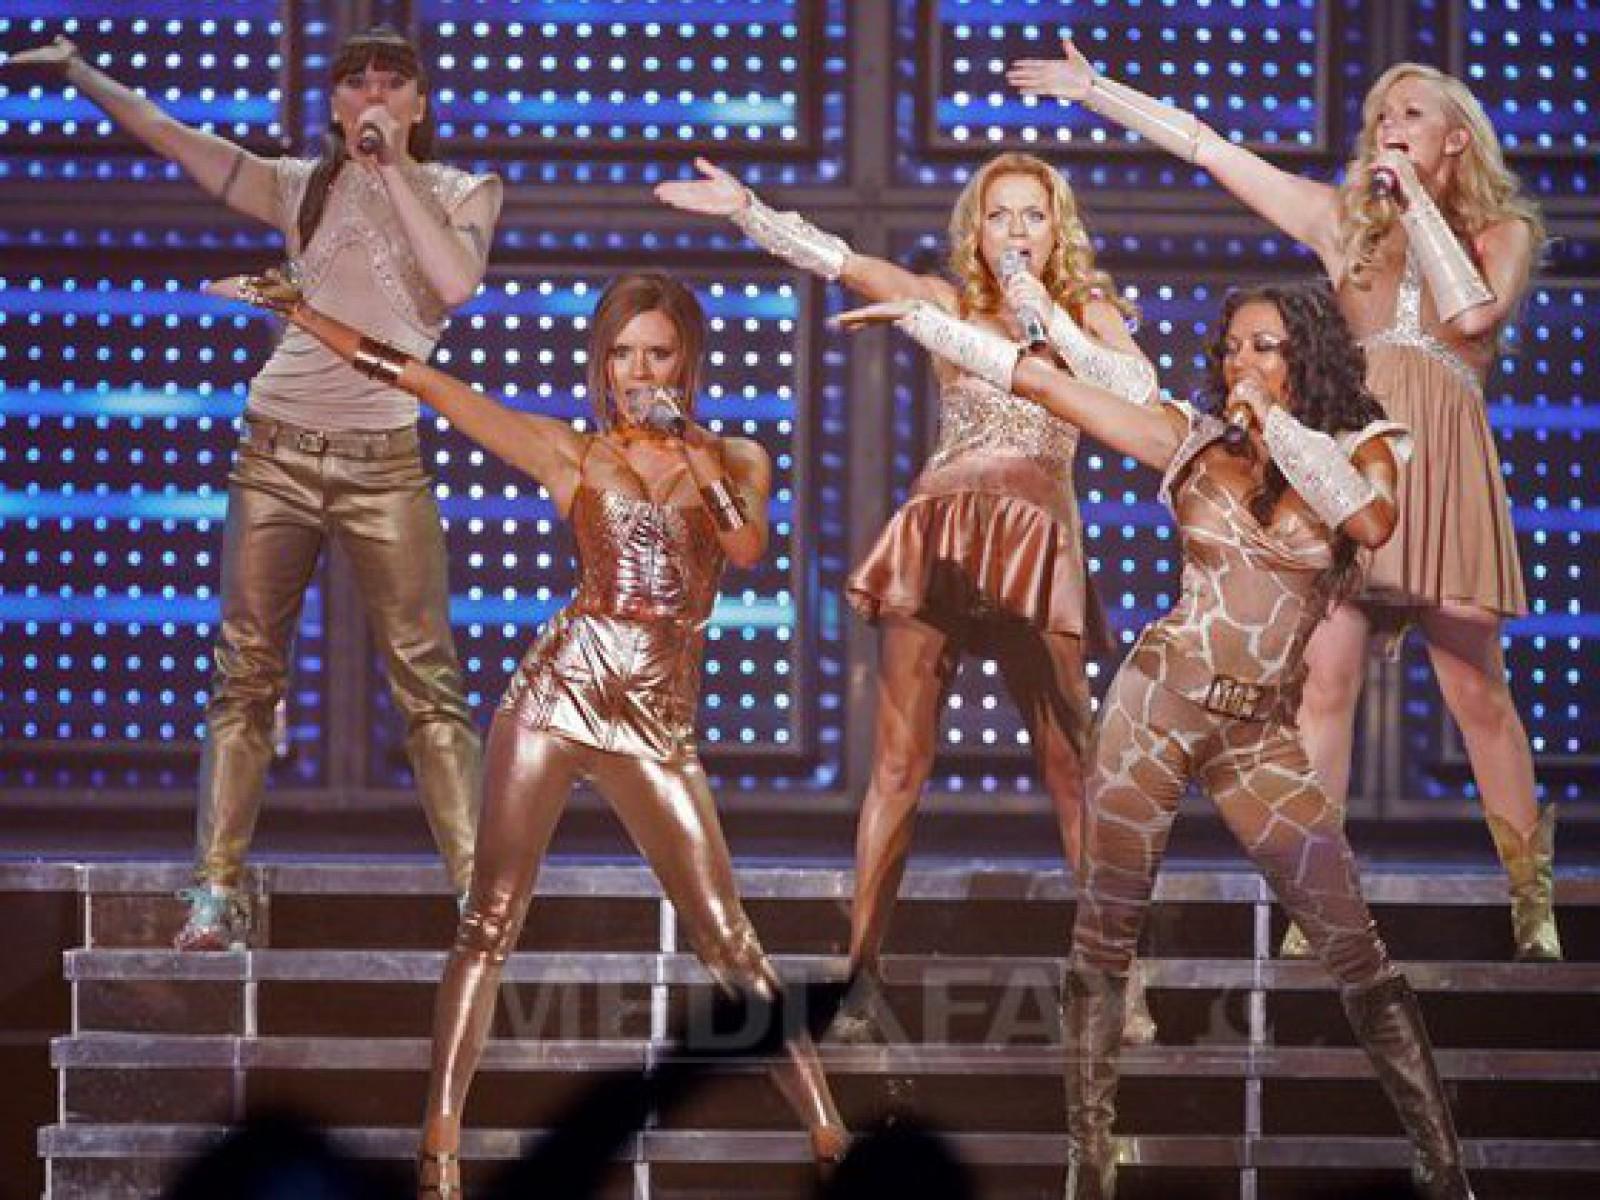 Divorţul cântăreţei Mel B a fost încheiat oficial. Cât trebuie să-i plătească fostului soţ fosta membră Spice Girls